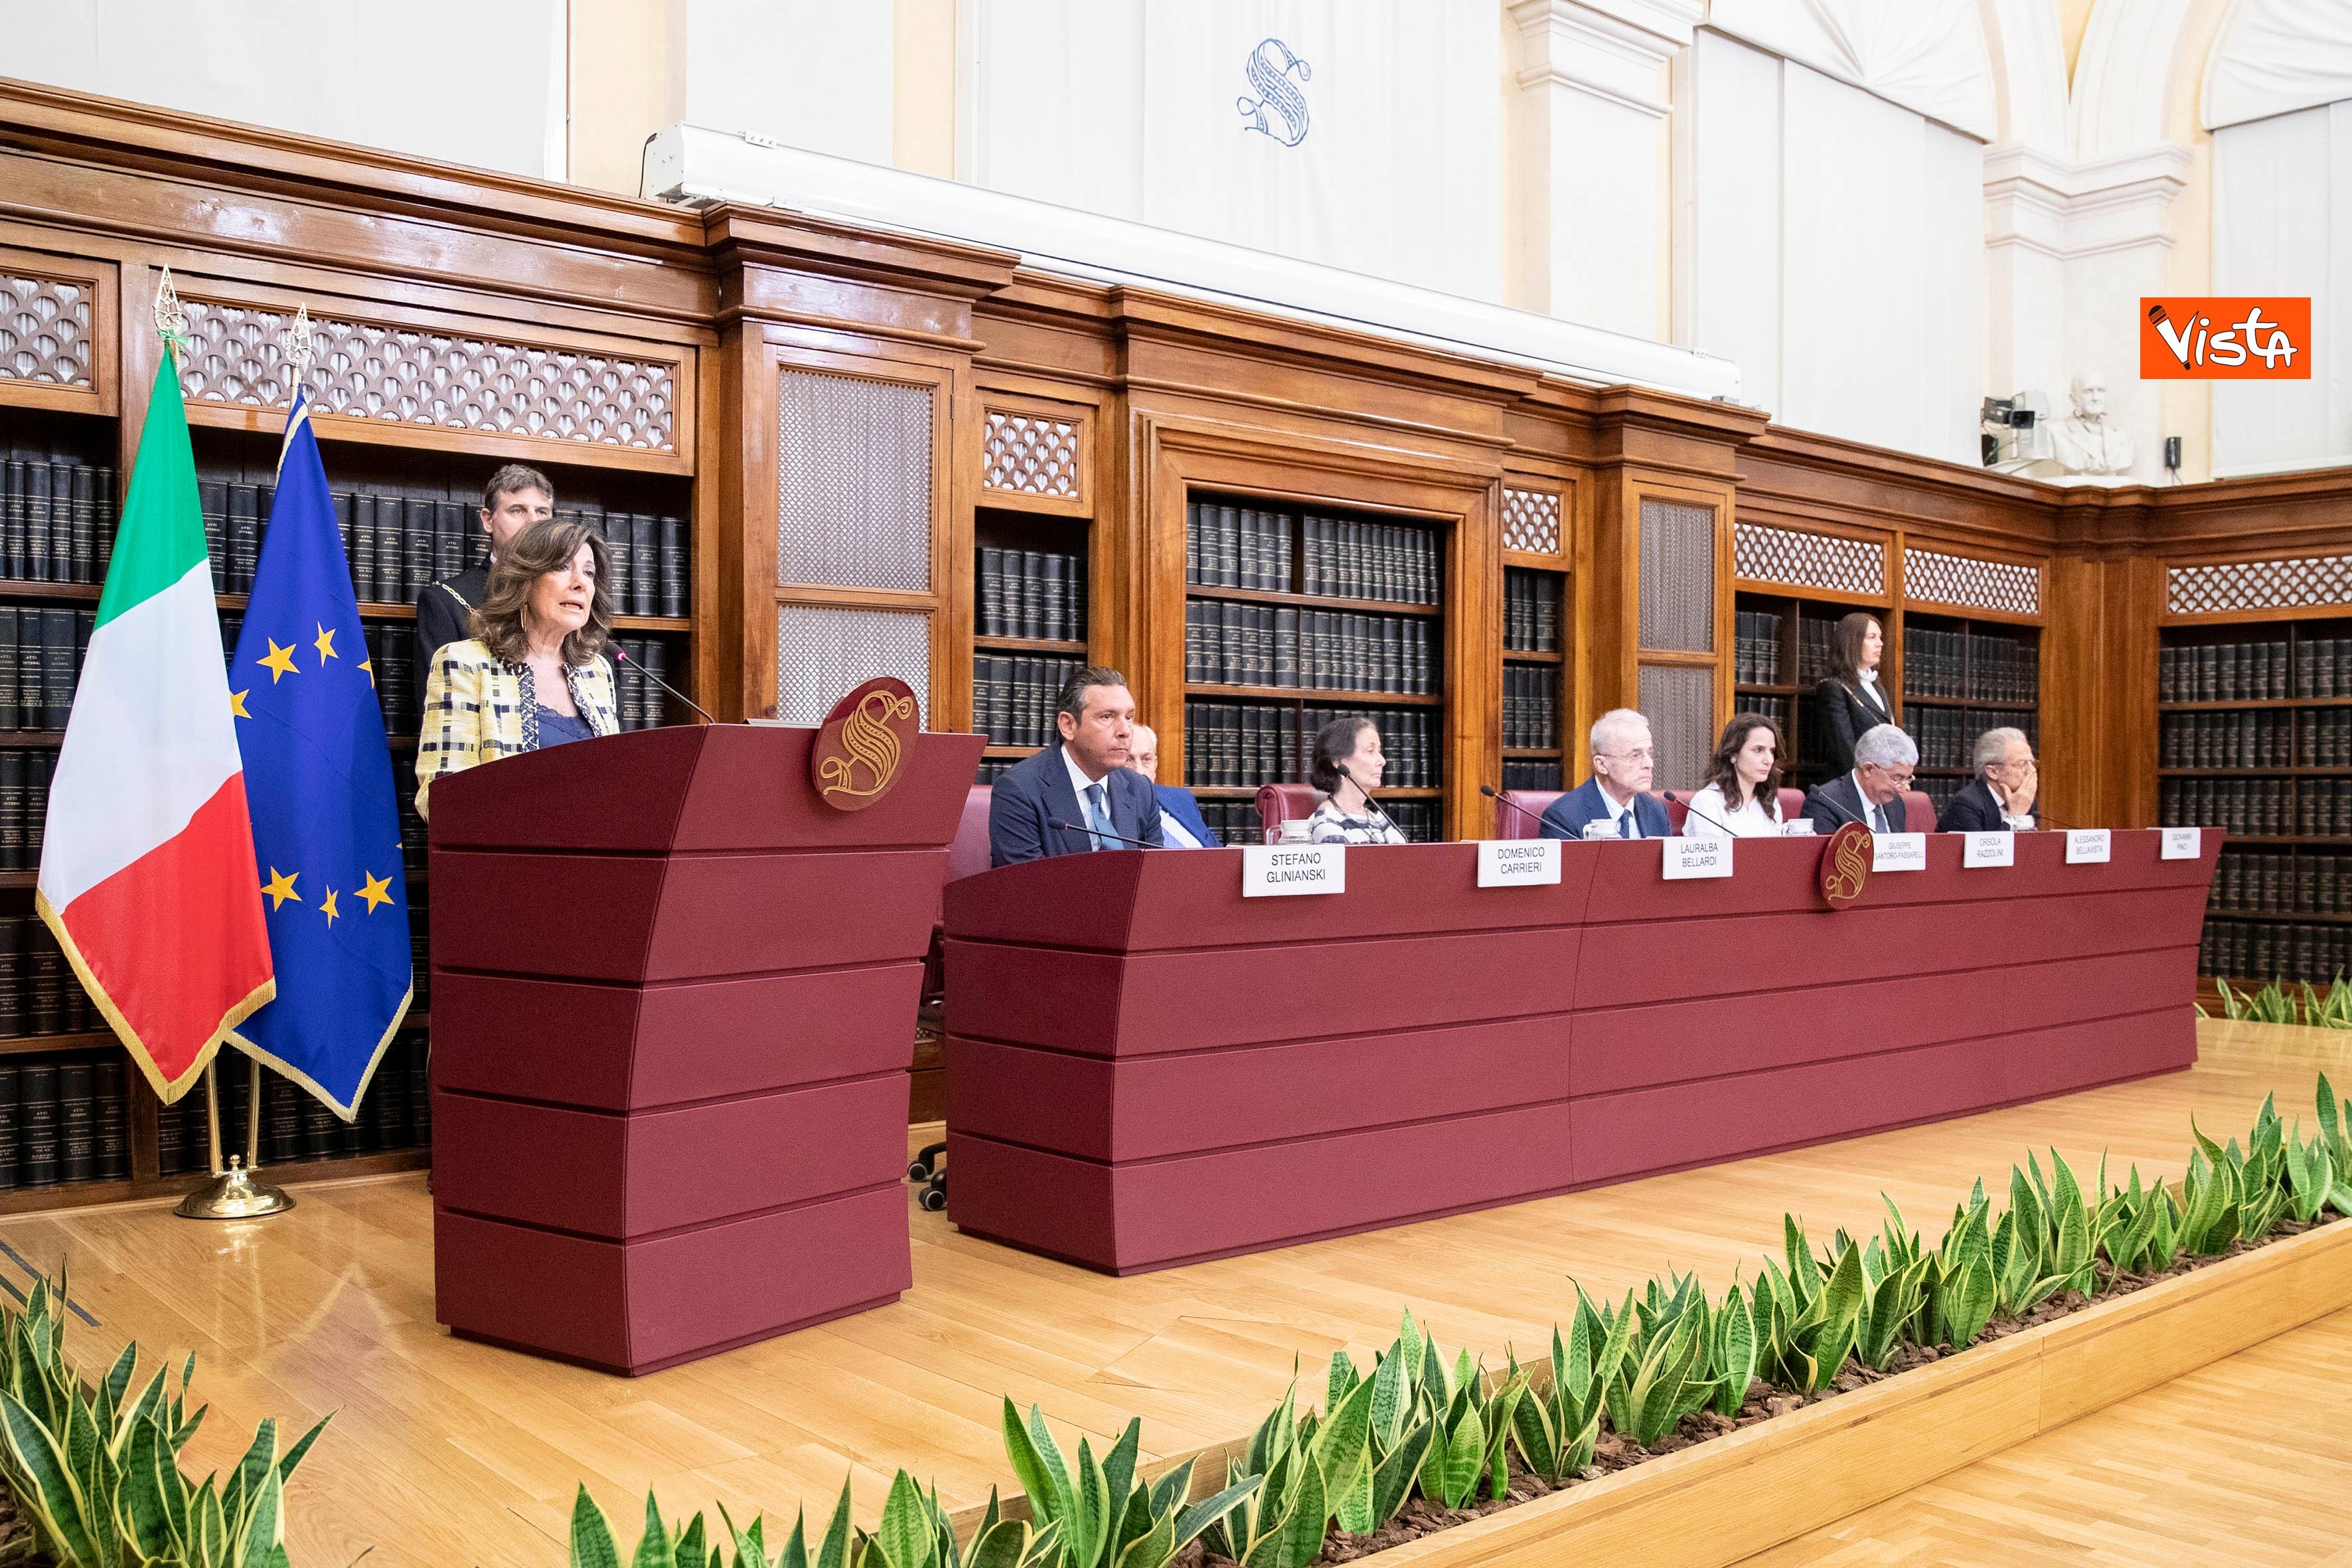 18-06-19 Mattarella a relazione Autorita garante attuazione legge su sciopero nei servizi pubblici essenziali_02